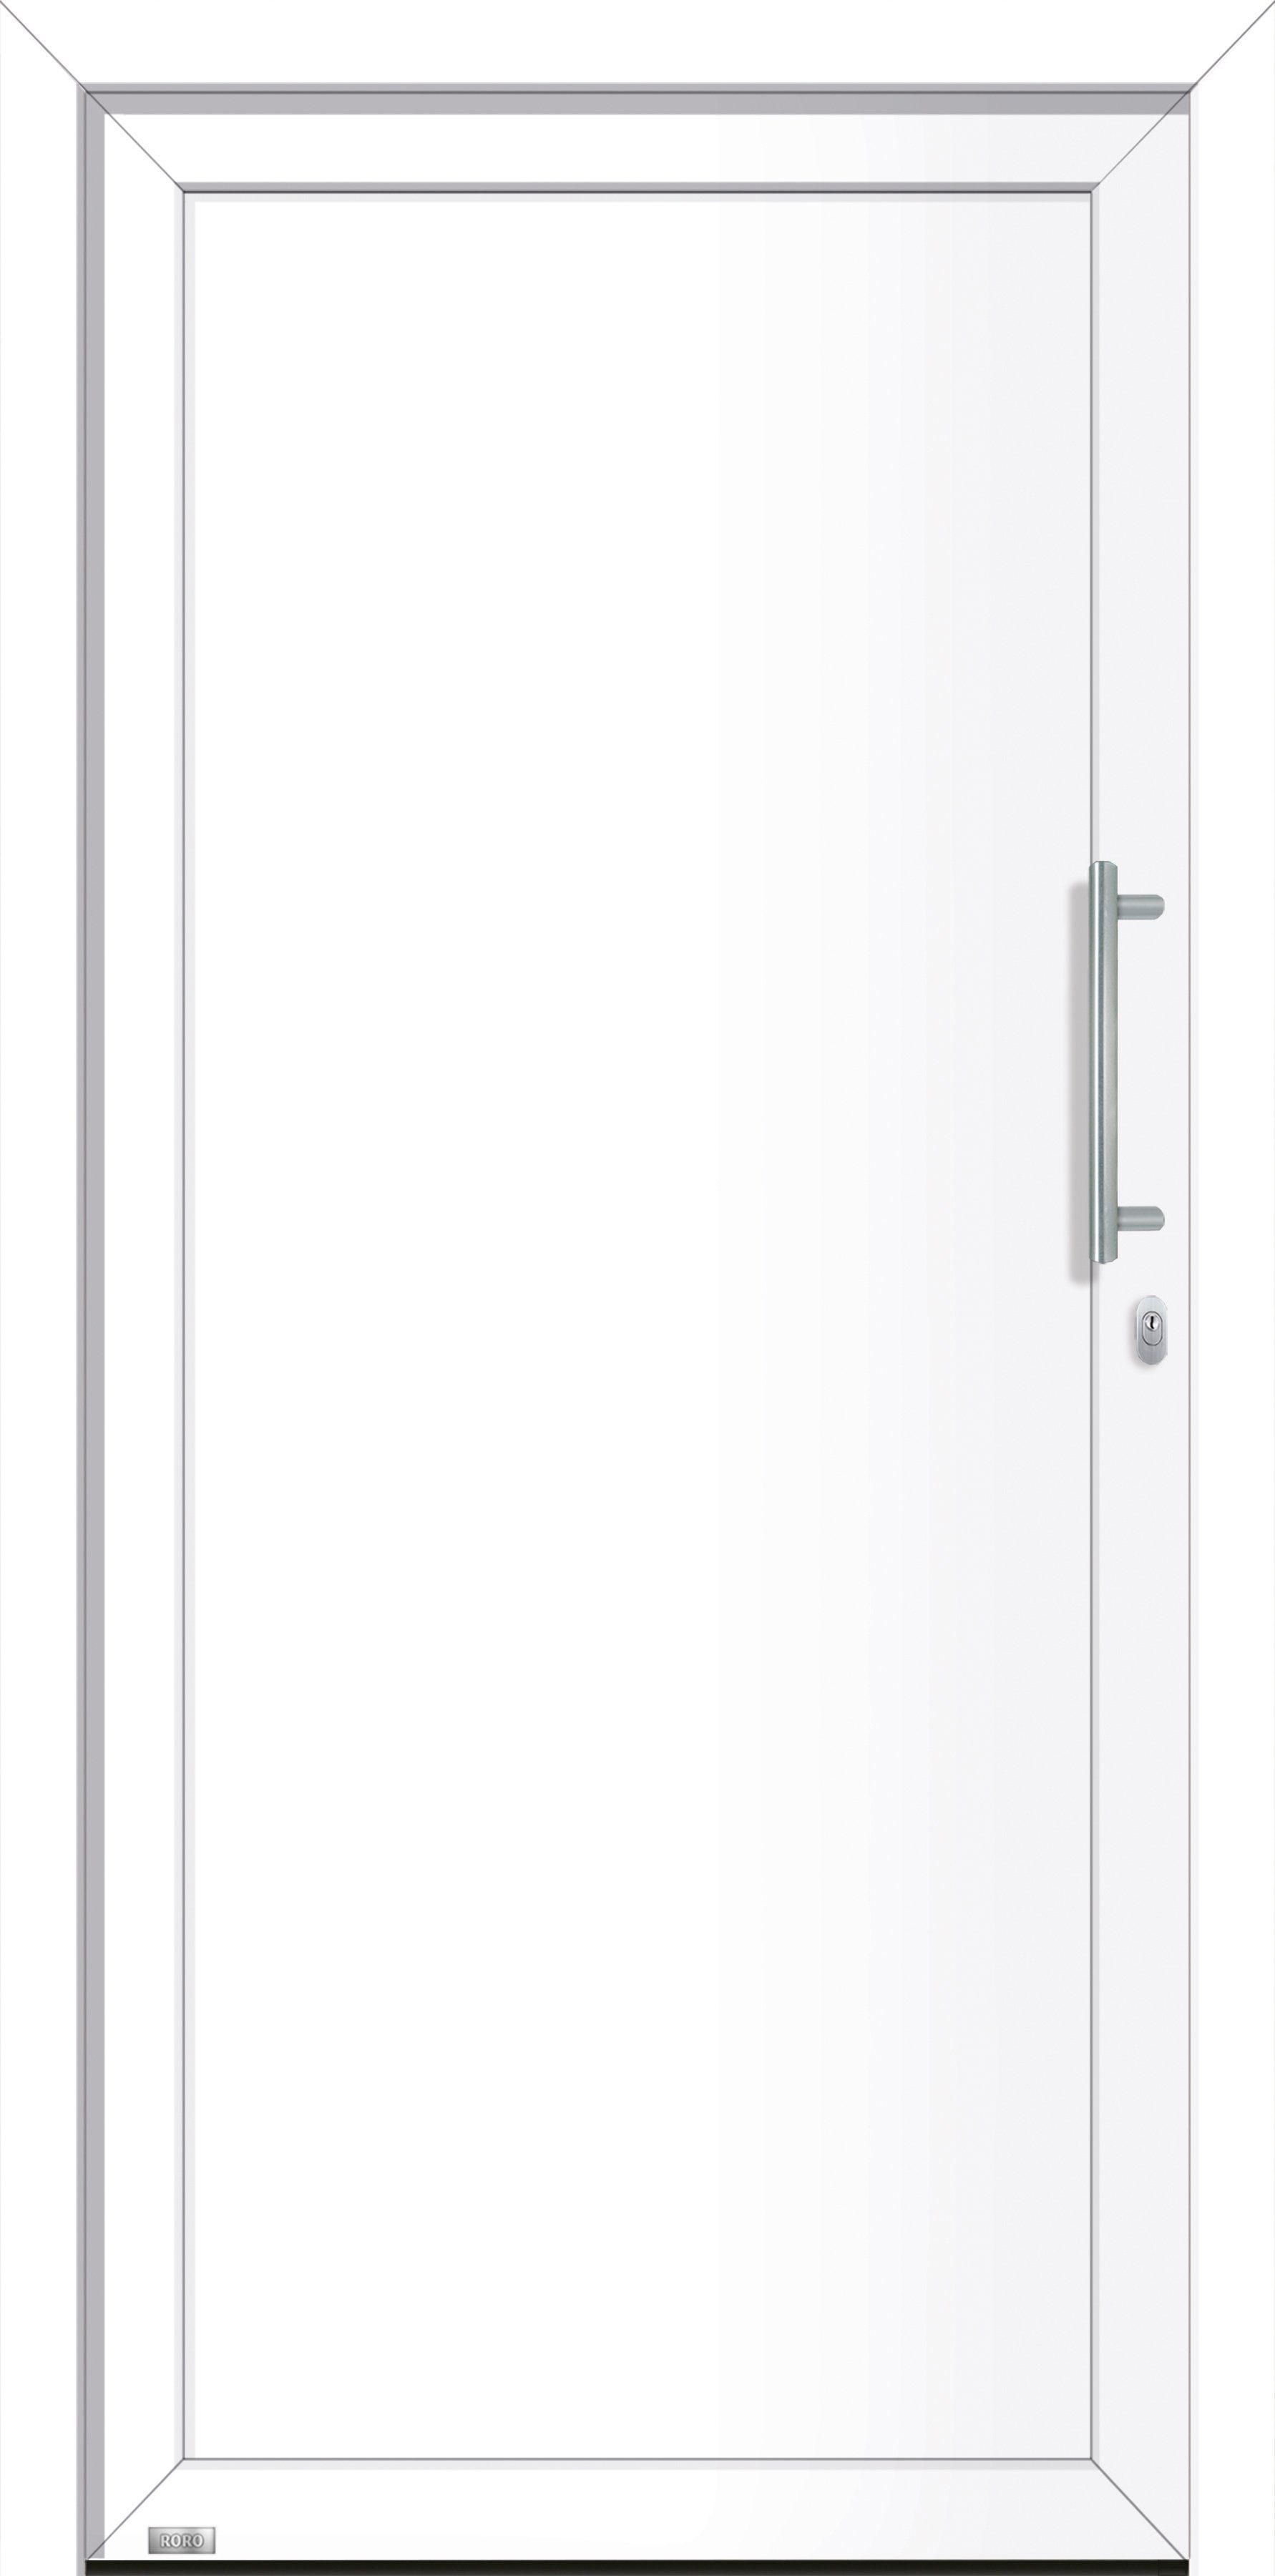 RORO Aluminium-Haustür »Irland«, BxH: 98x198 cm, weiß, Anschlag rechts